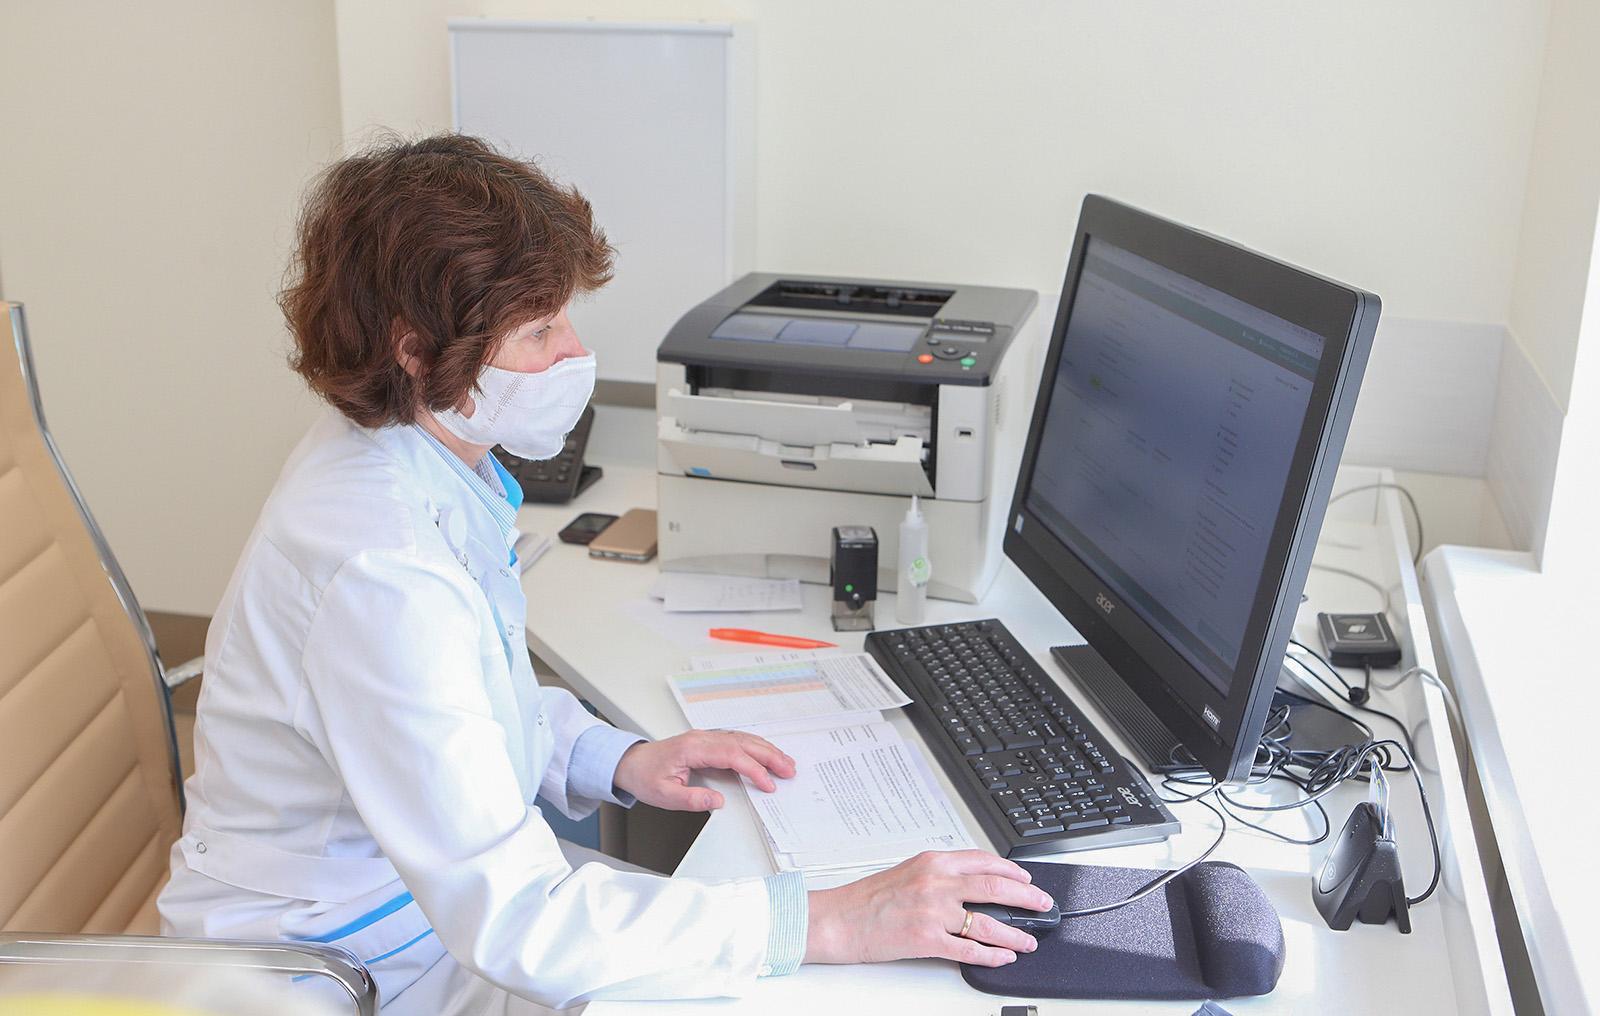 Московская система поддержки принятия врачебных решений стала доступна врачам из регионов